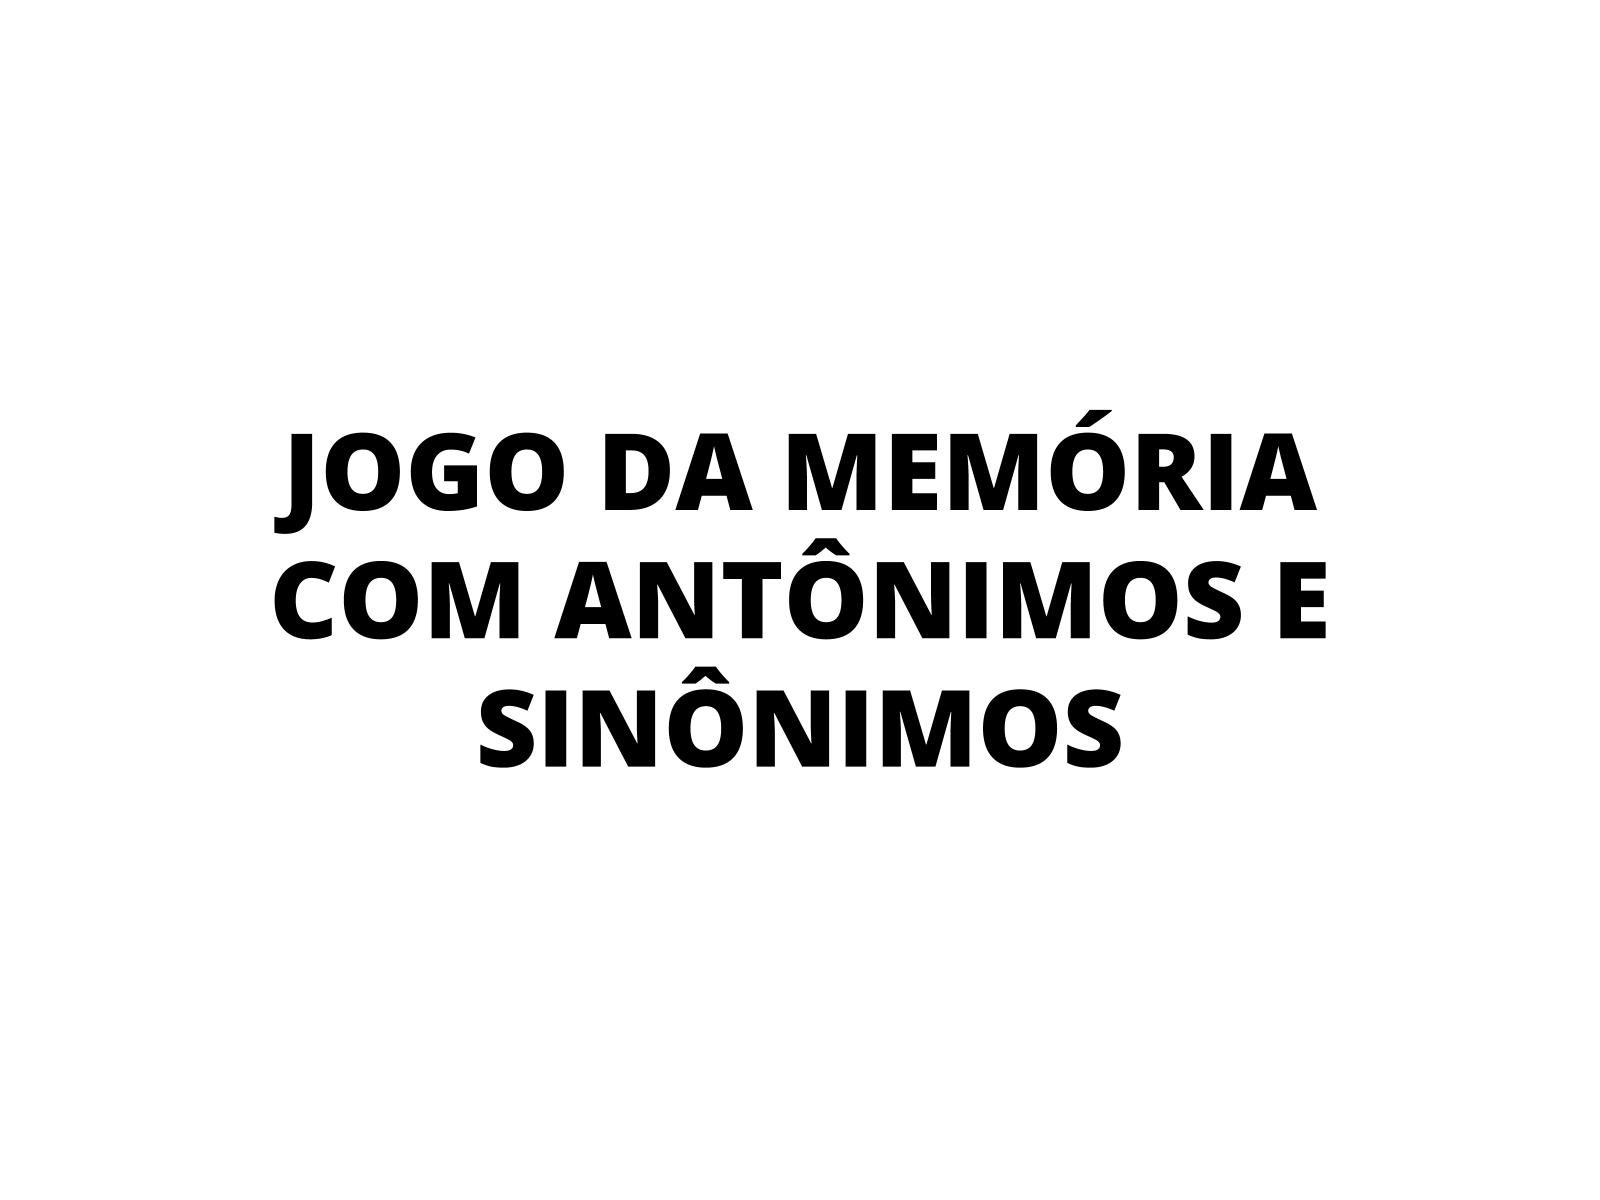 Jogo da Memória com sinônimos e antônimos